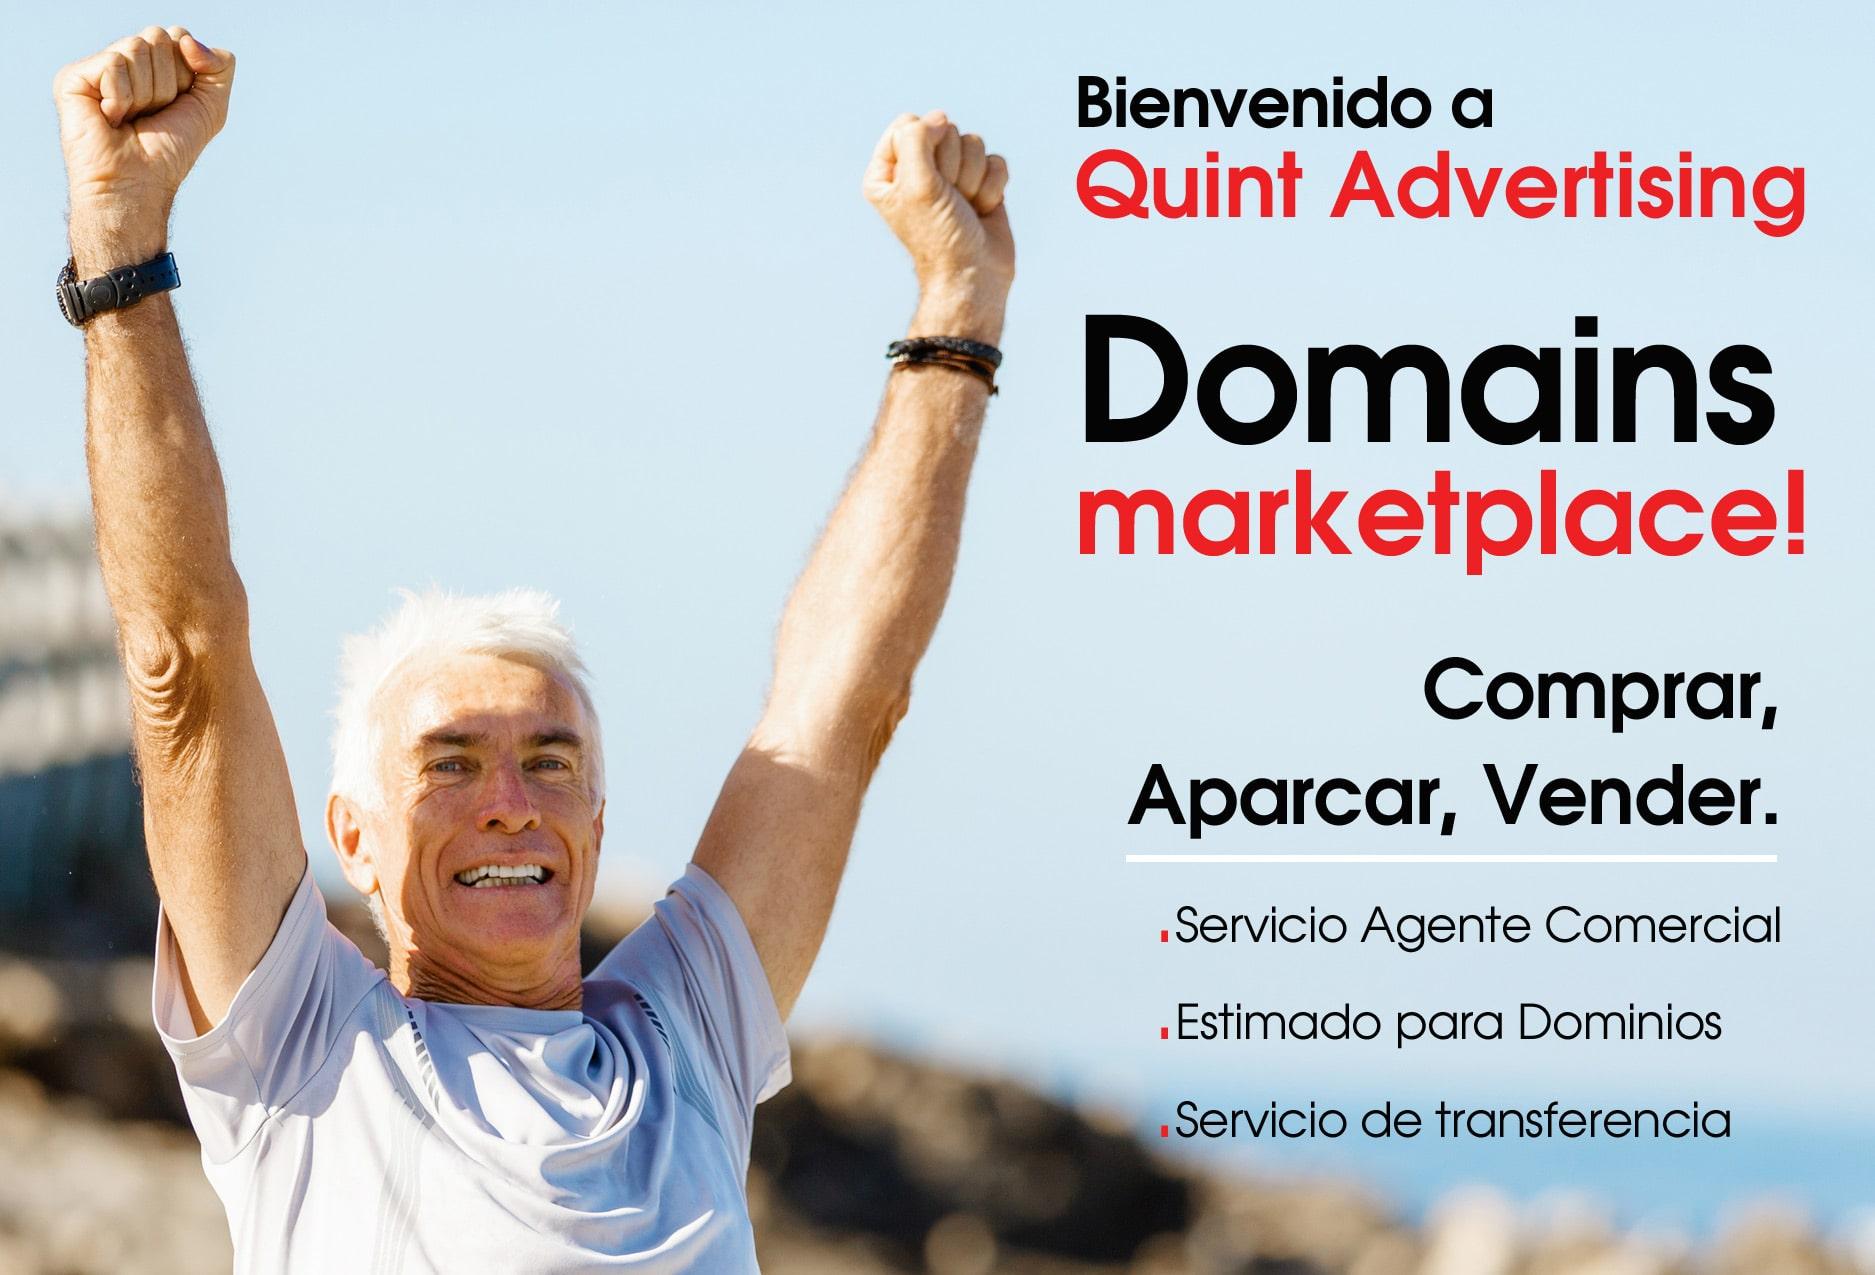 oferta-alojamiento-sitio-web-compra-dominios-aparcados-gratis-Quint-Advertising-miami-florida-eeuu-min